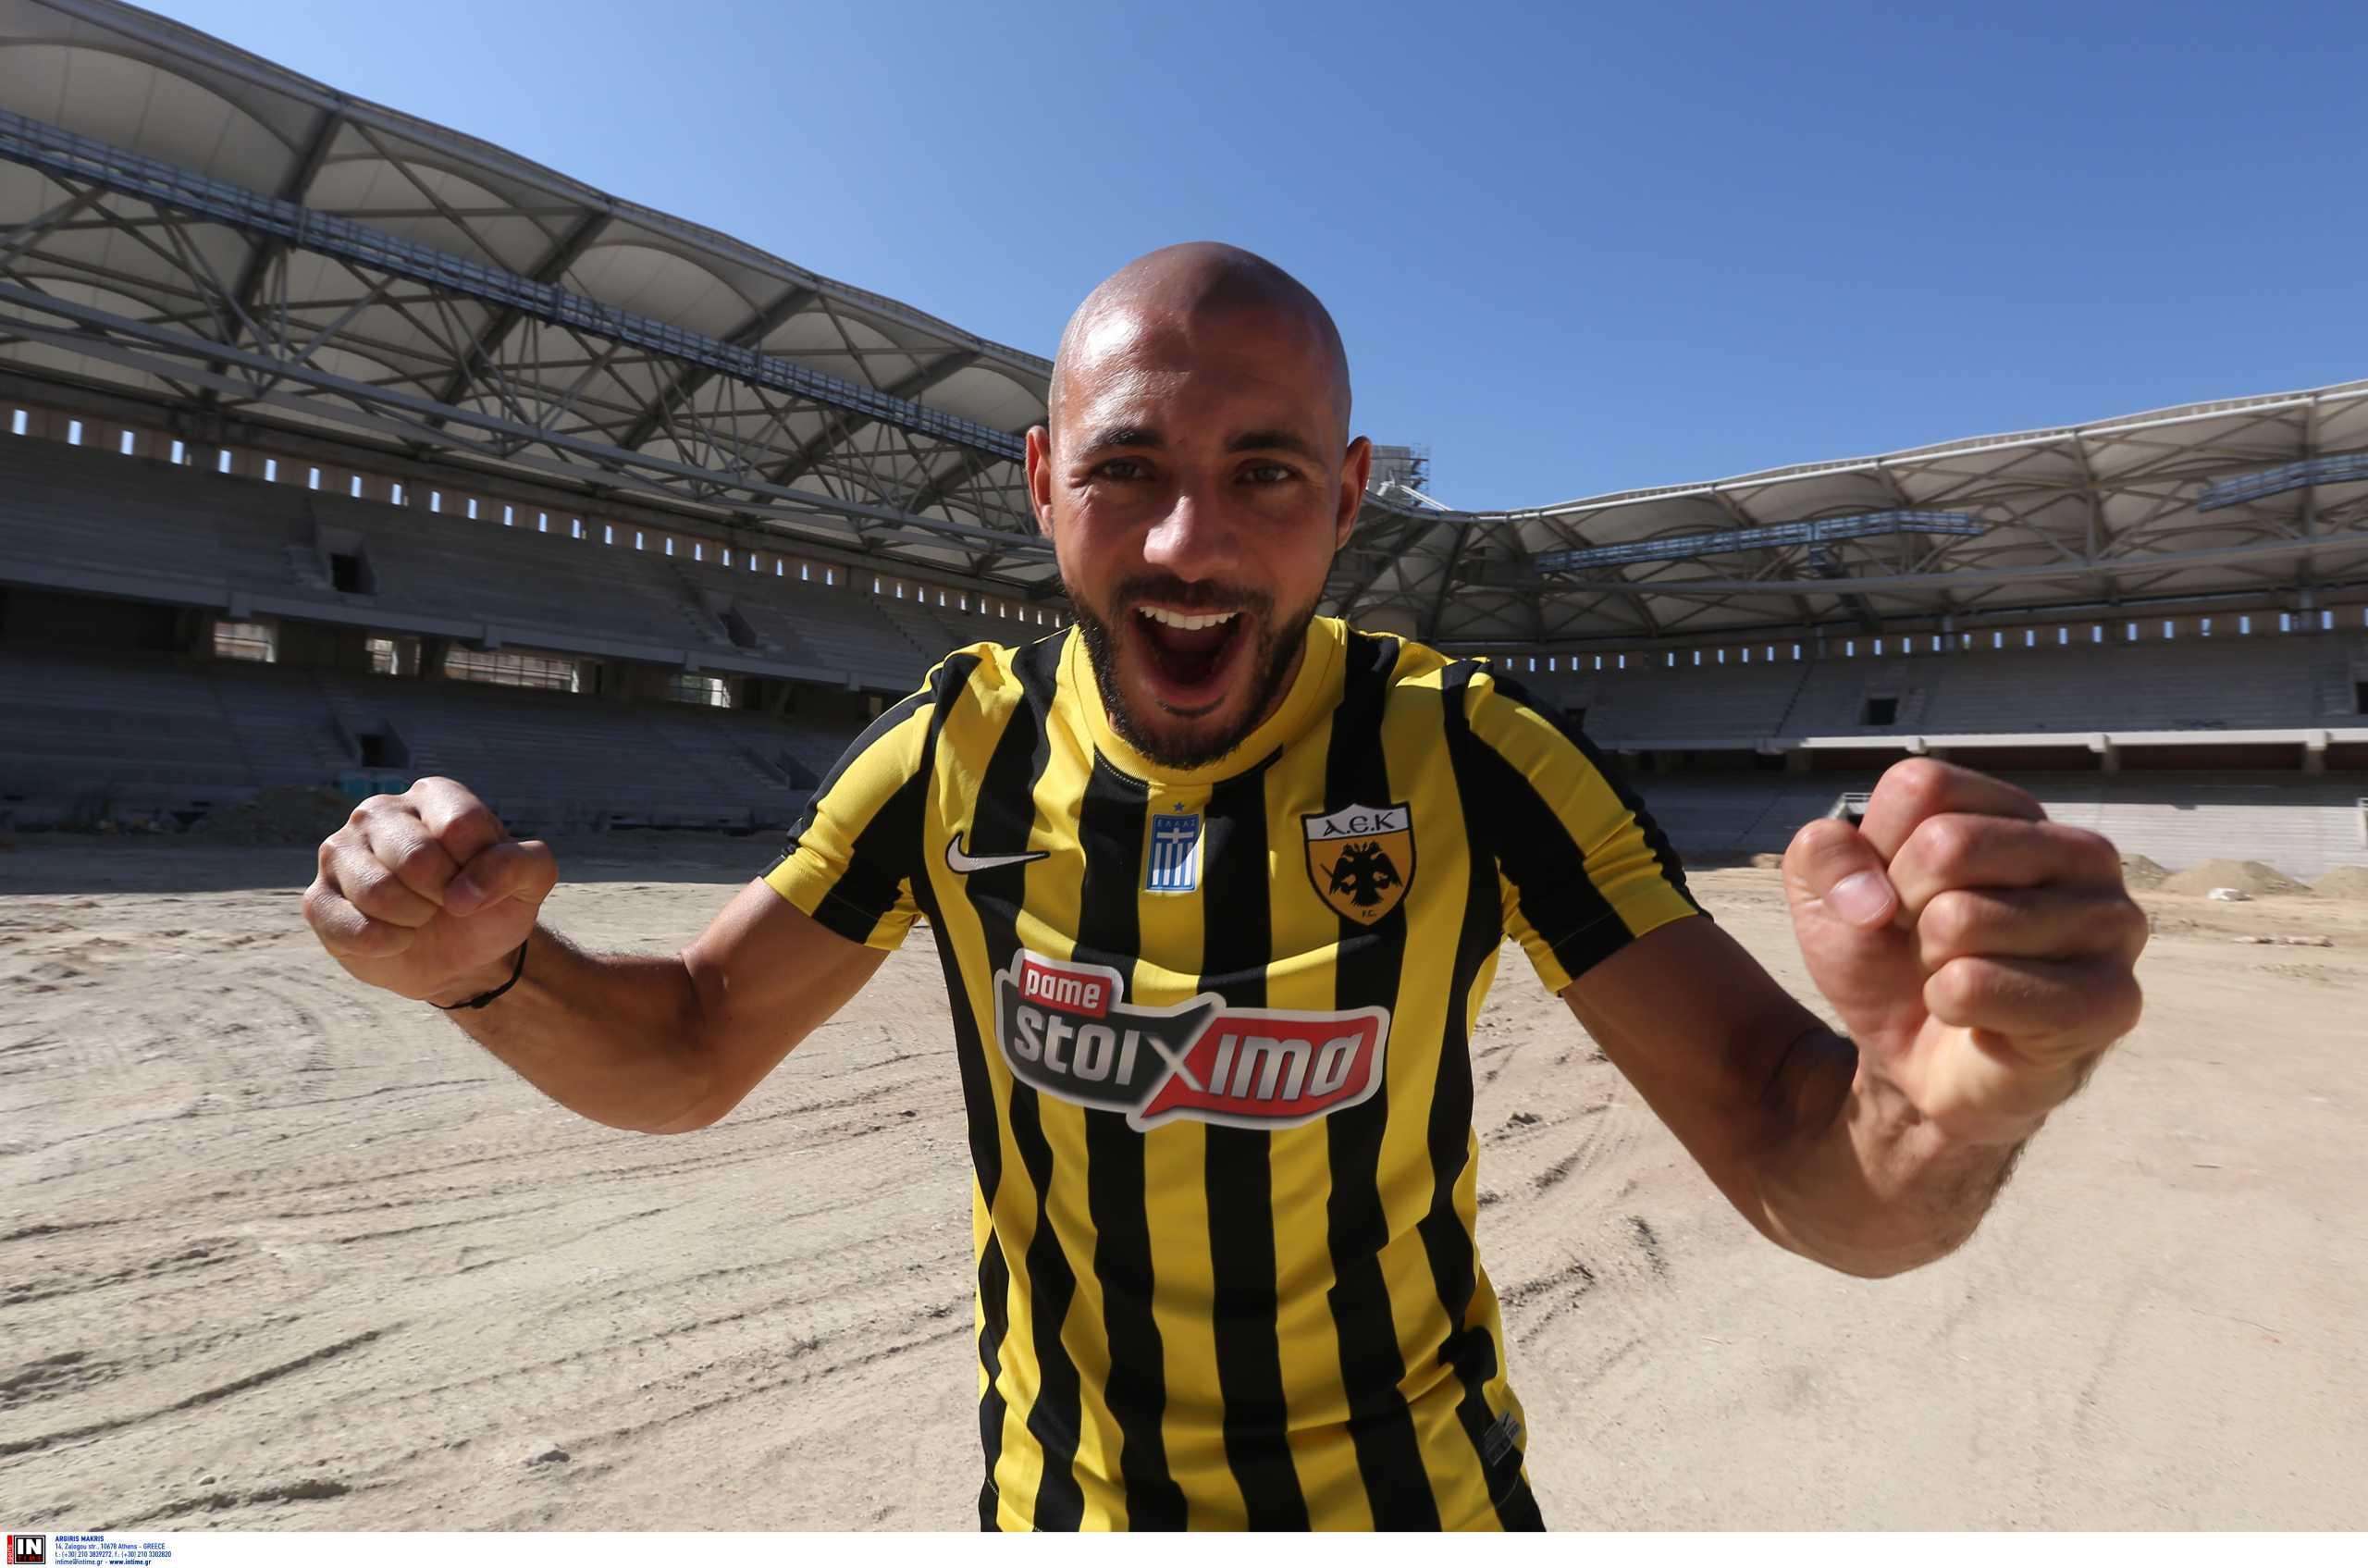 Η ΑΕΚ ανακοίνωσε επίσημα τον Αμραμπάτ που υπέγραψε για δύο χρόνια